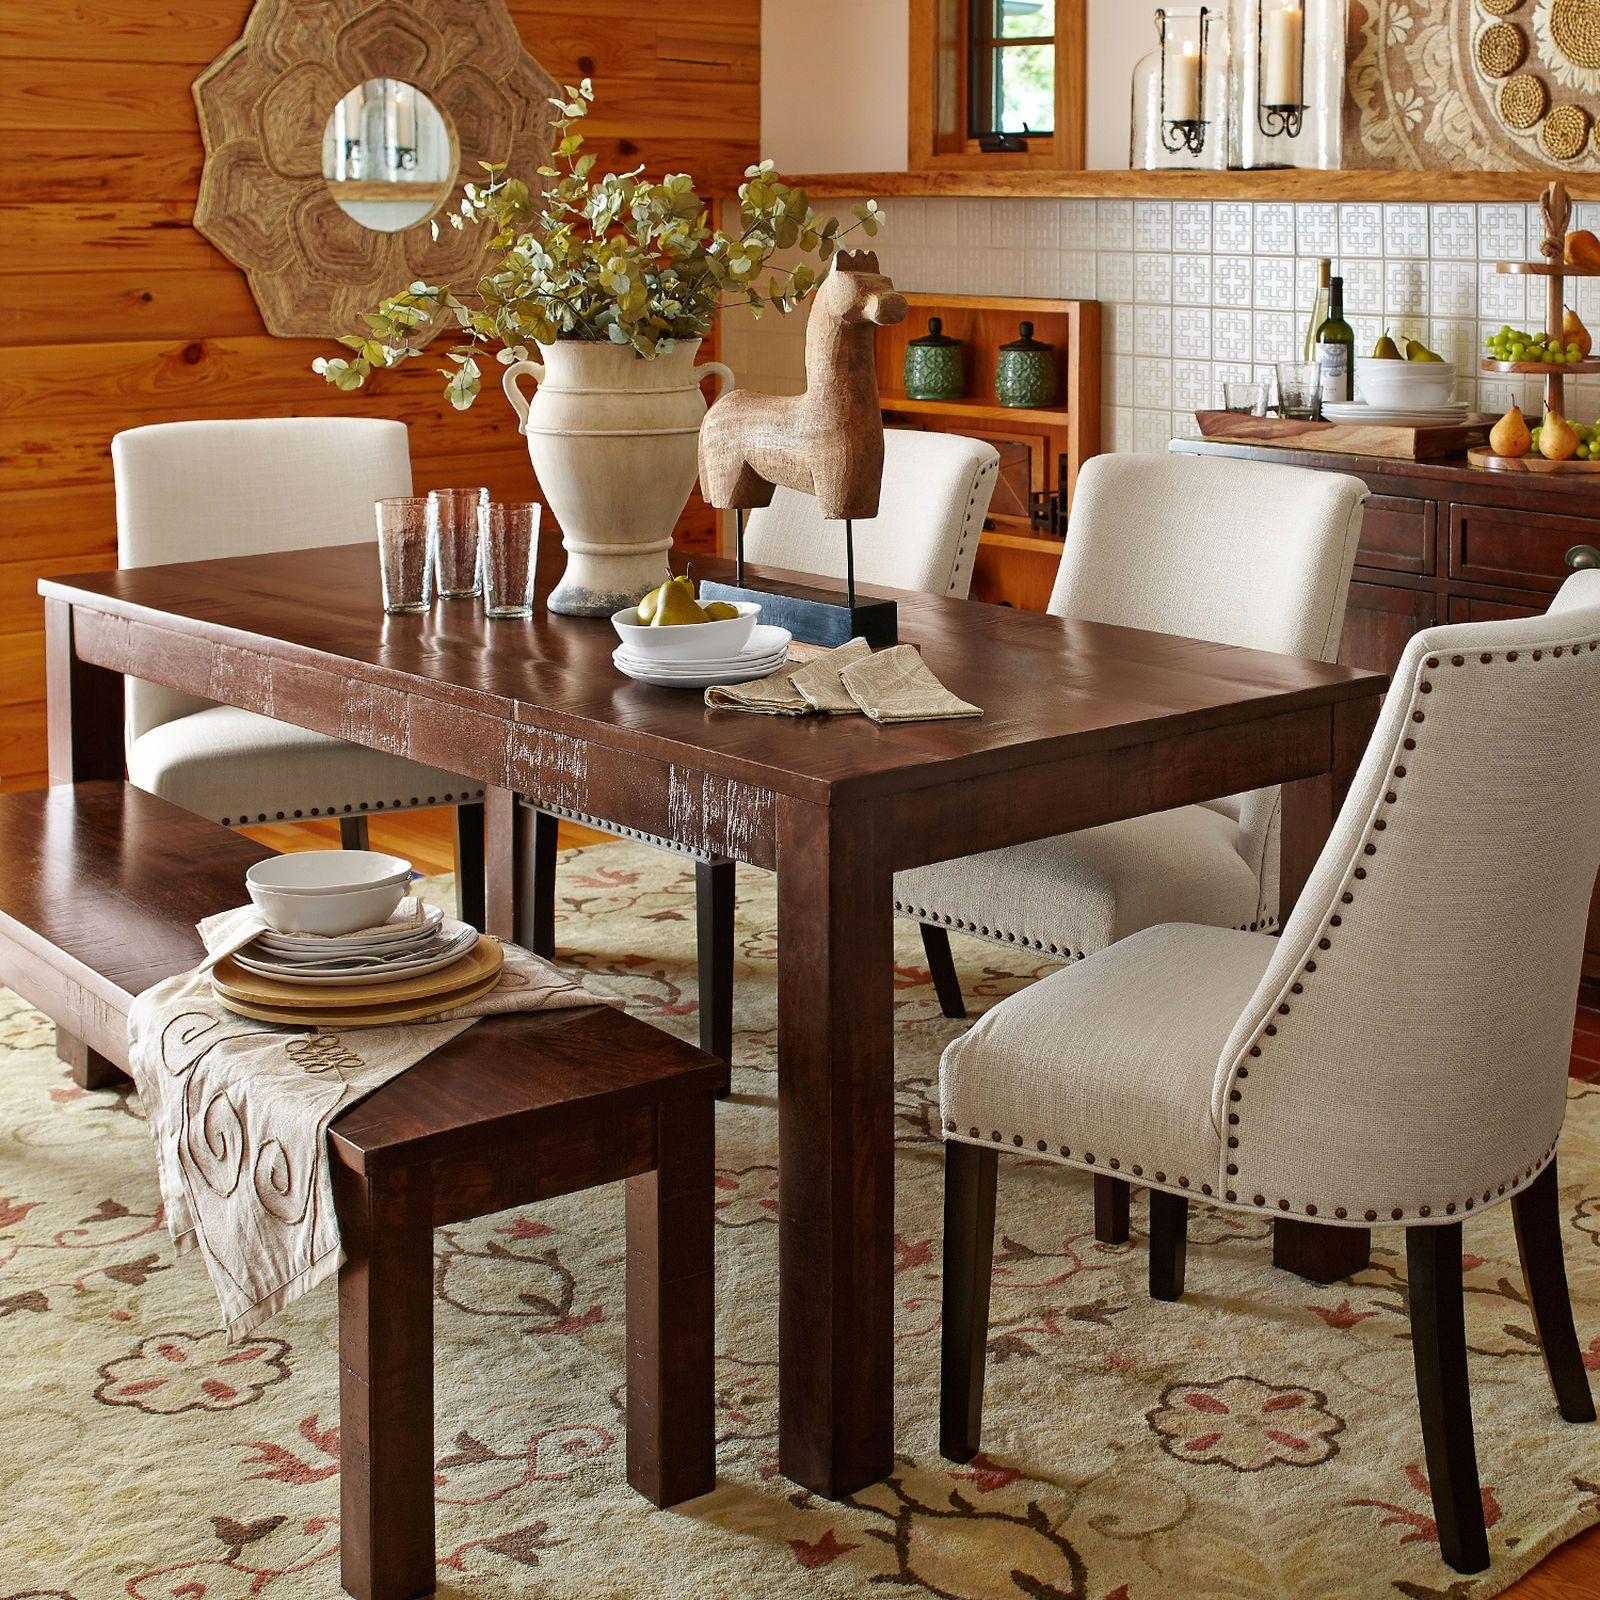 Parsons 76 Tobacco Brown Dining Table Avec Images Amenagement Interieur Decoration Petit Hotel